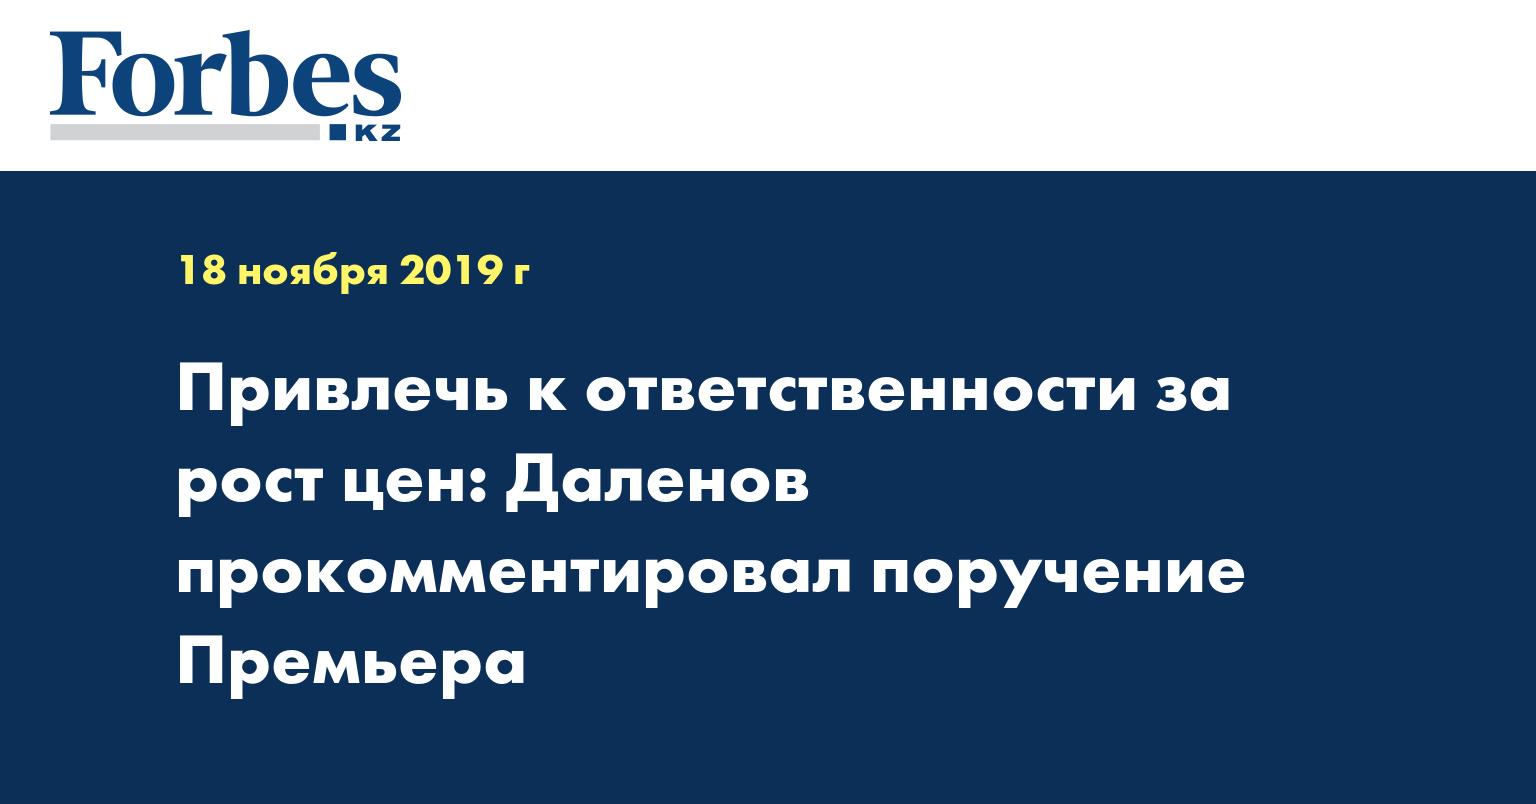 Привлечь к ответственности за рост цен: Даленов прокомментировал поручение премьера